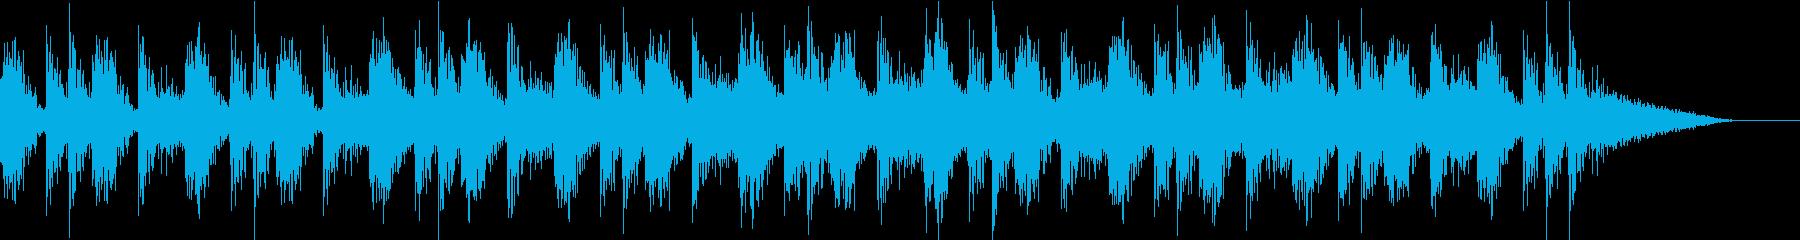 シネマティック サスペンス 環境 ...の再生済みの波形